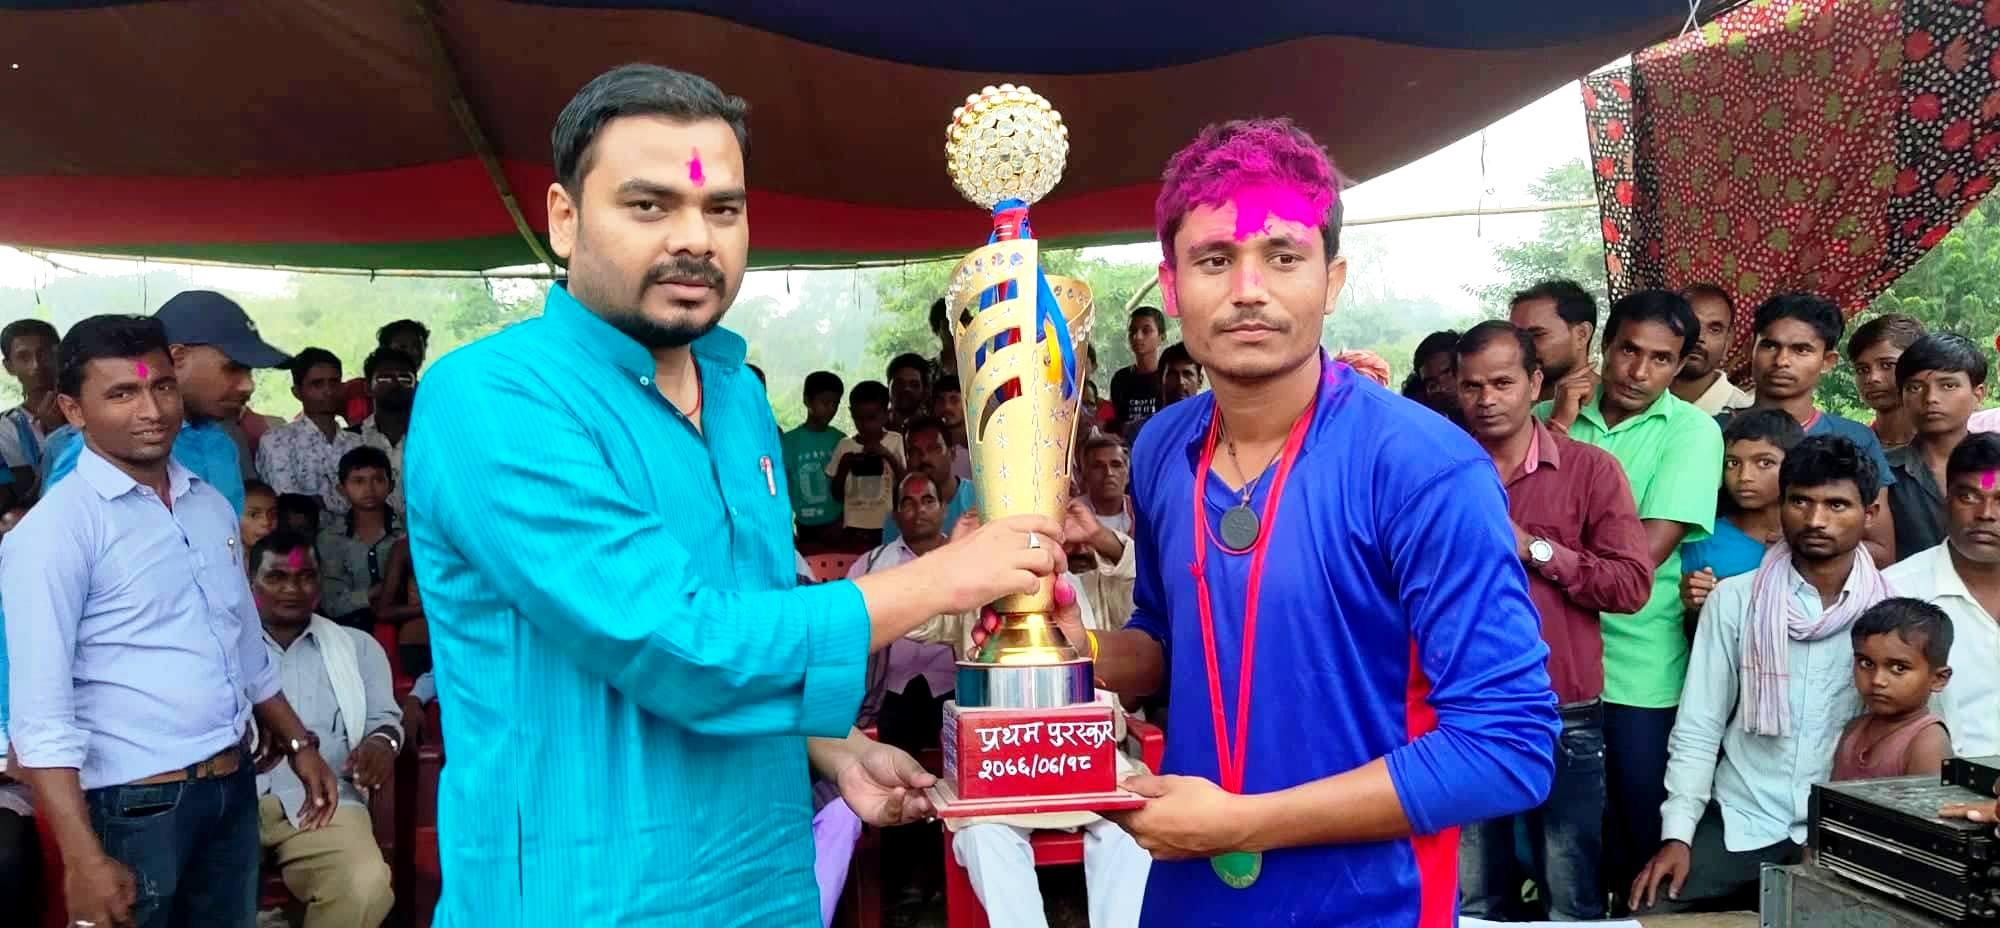 नेगडामा आयोजित पञ्च शिल्ड क्रिकेटमा लहानको शान्दार जीत